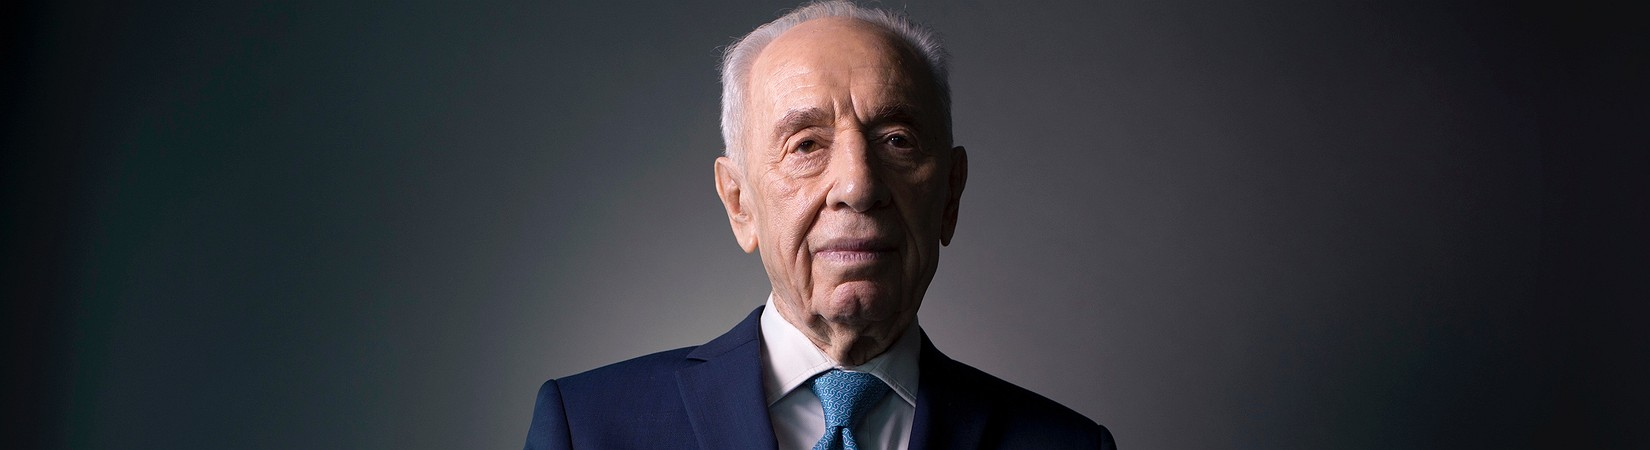 El expresidente israelí Shimon Peres fallece a los 93 años